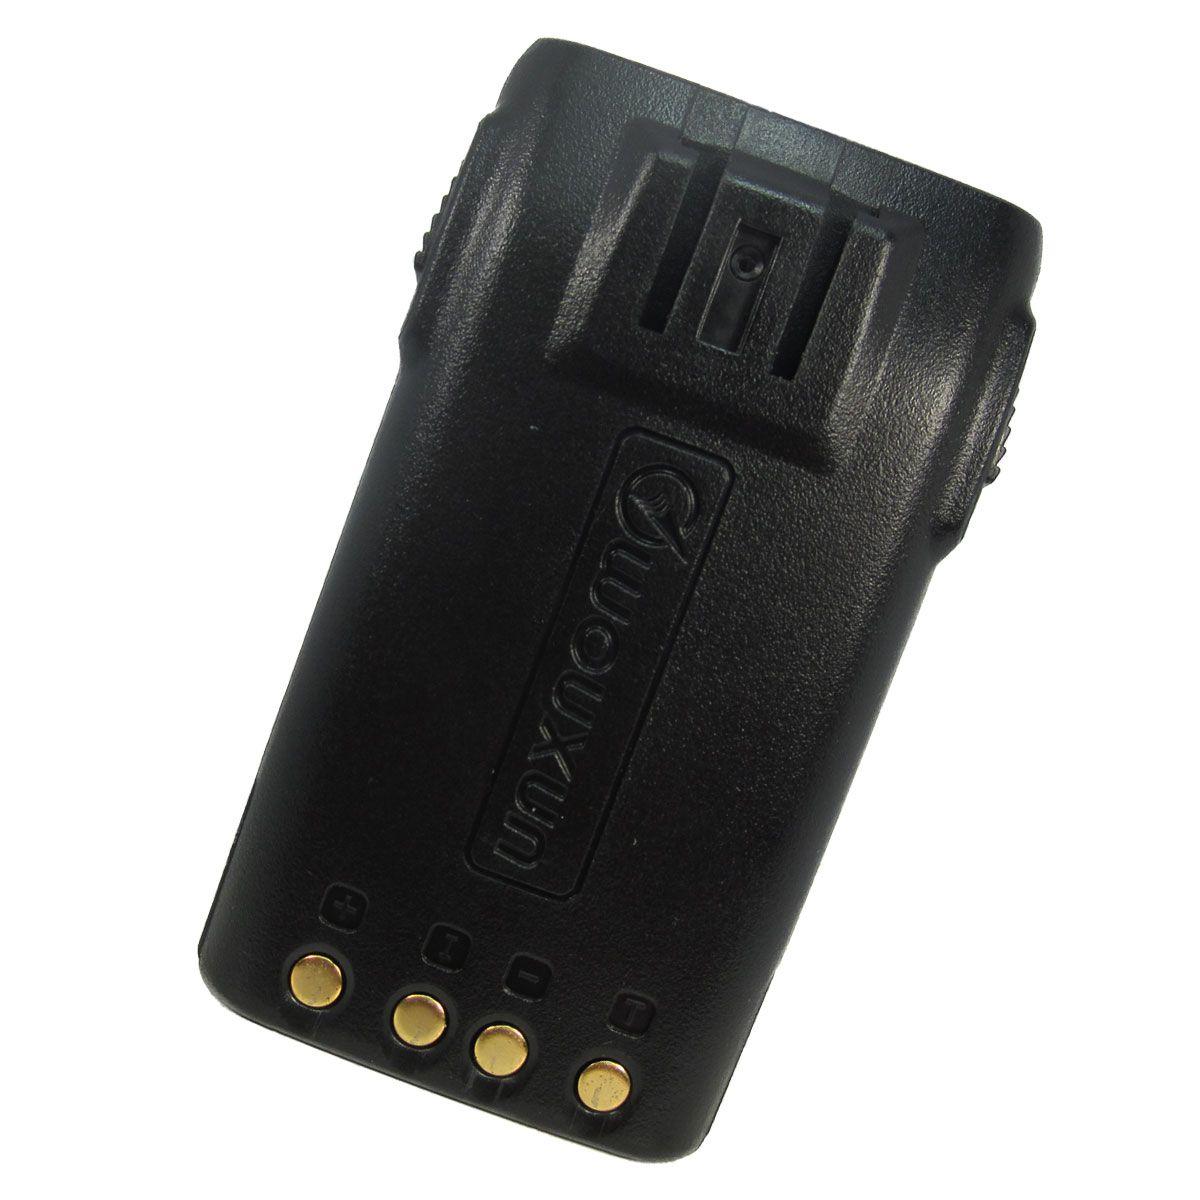 Batería Li-Ion 1300 mAh Wouxun de Alta Capacidad BLO-001